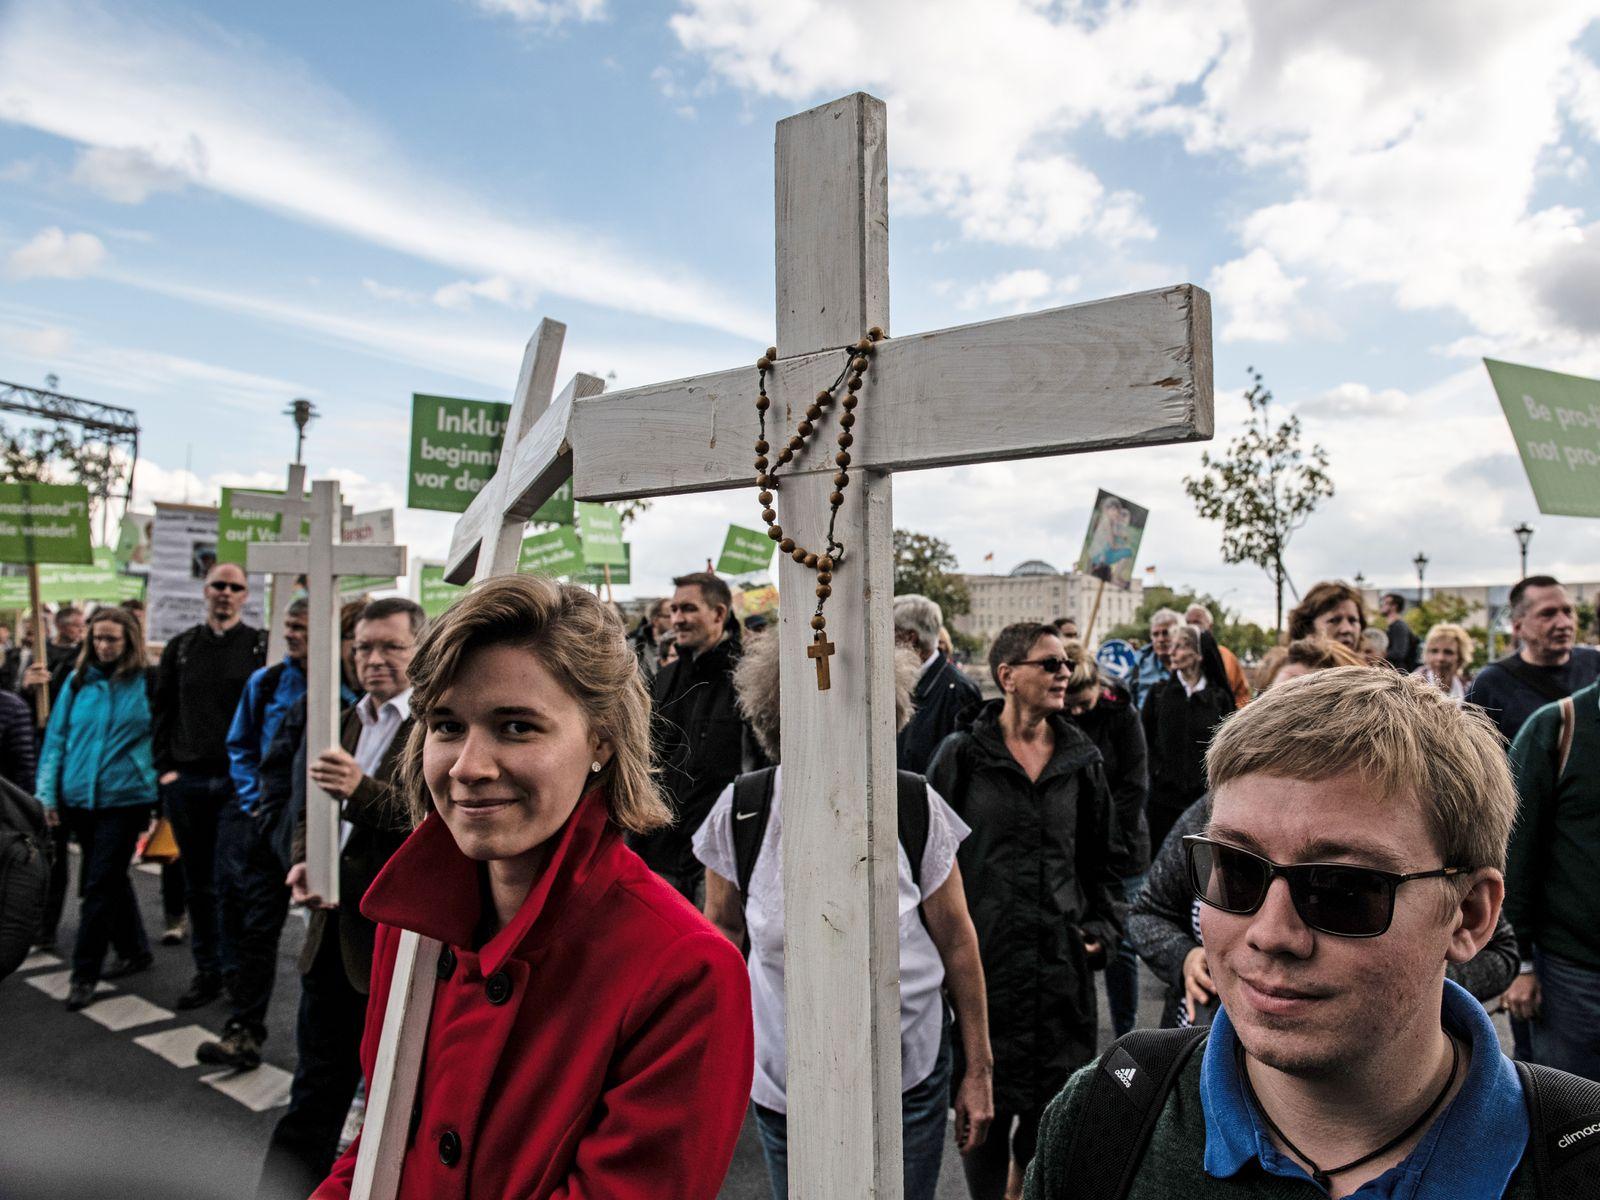 Abtreibung/ Gegner/ Protest